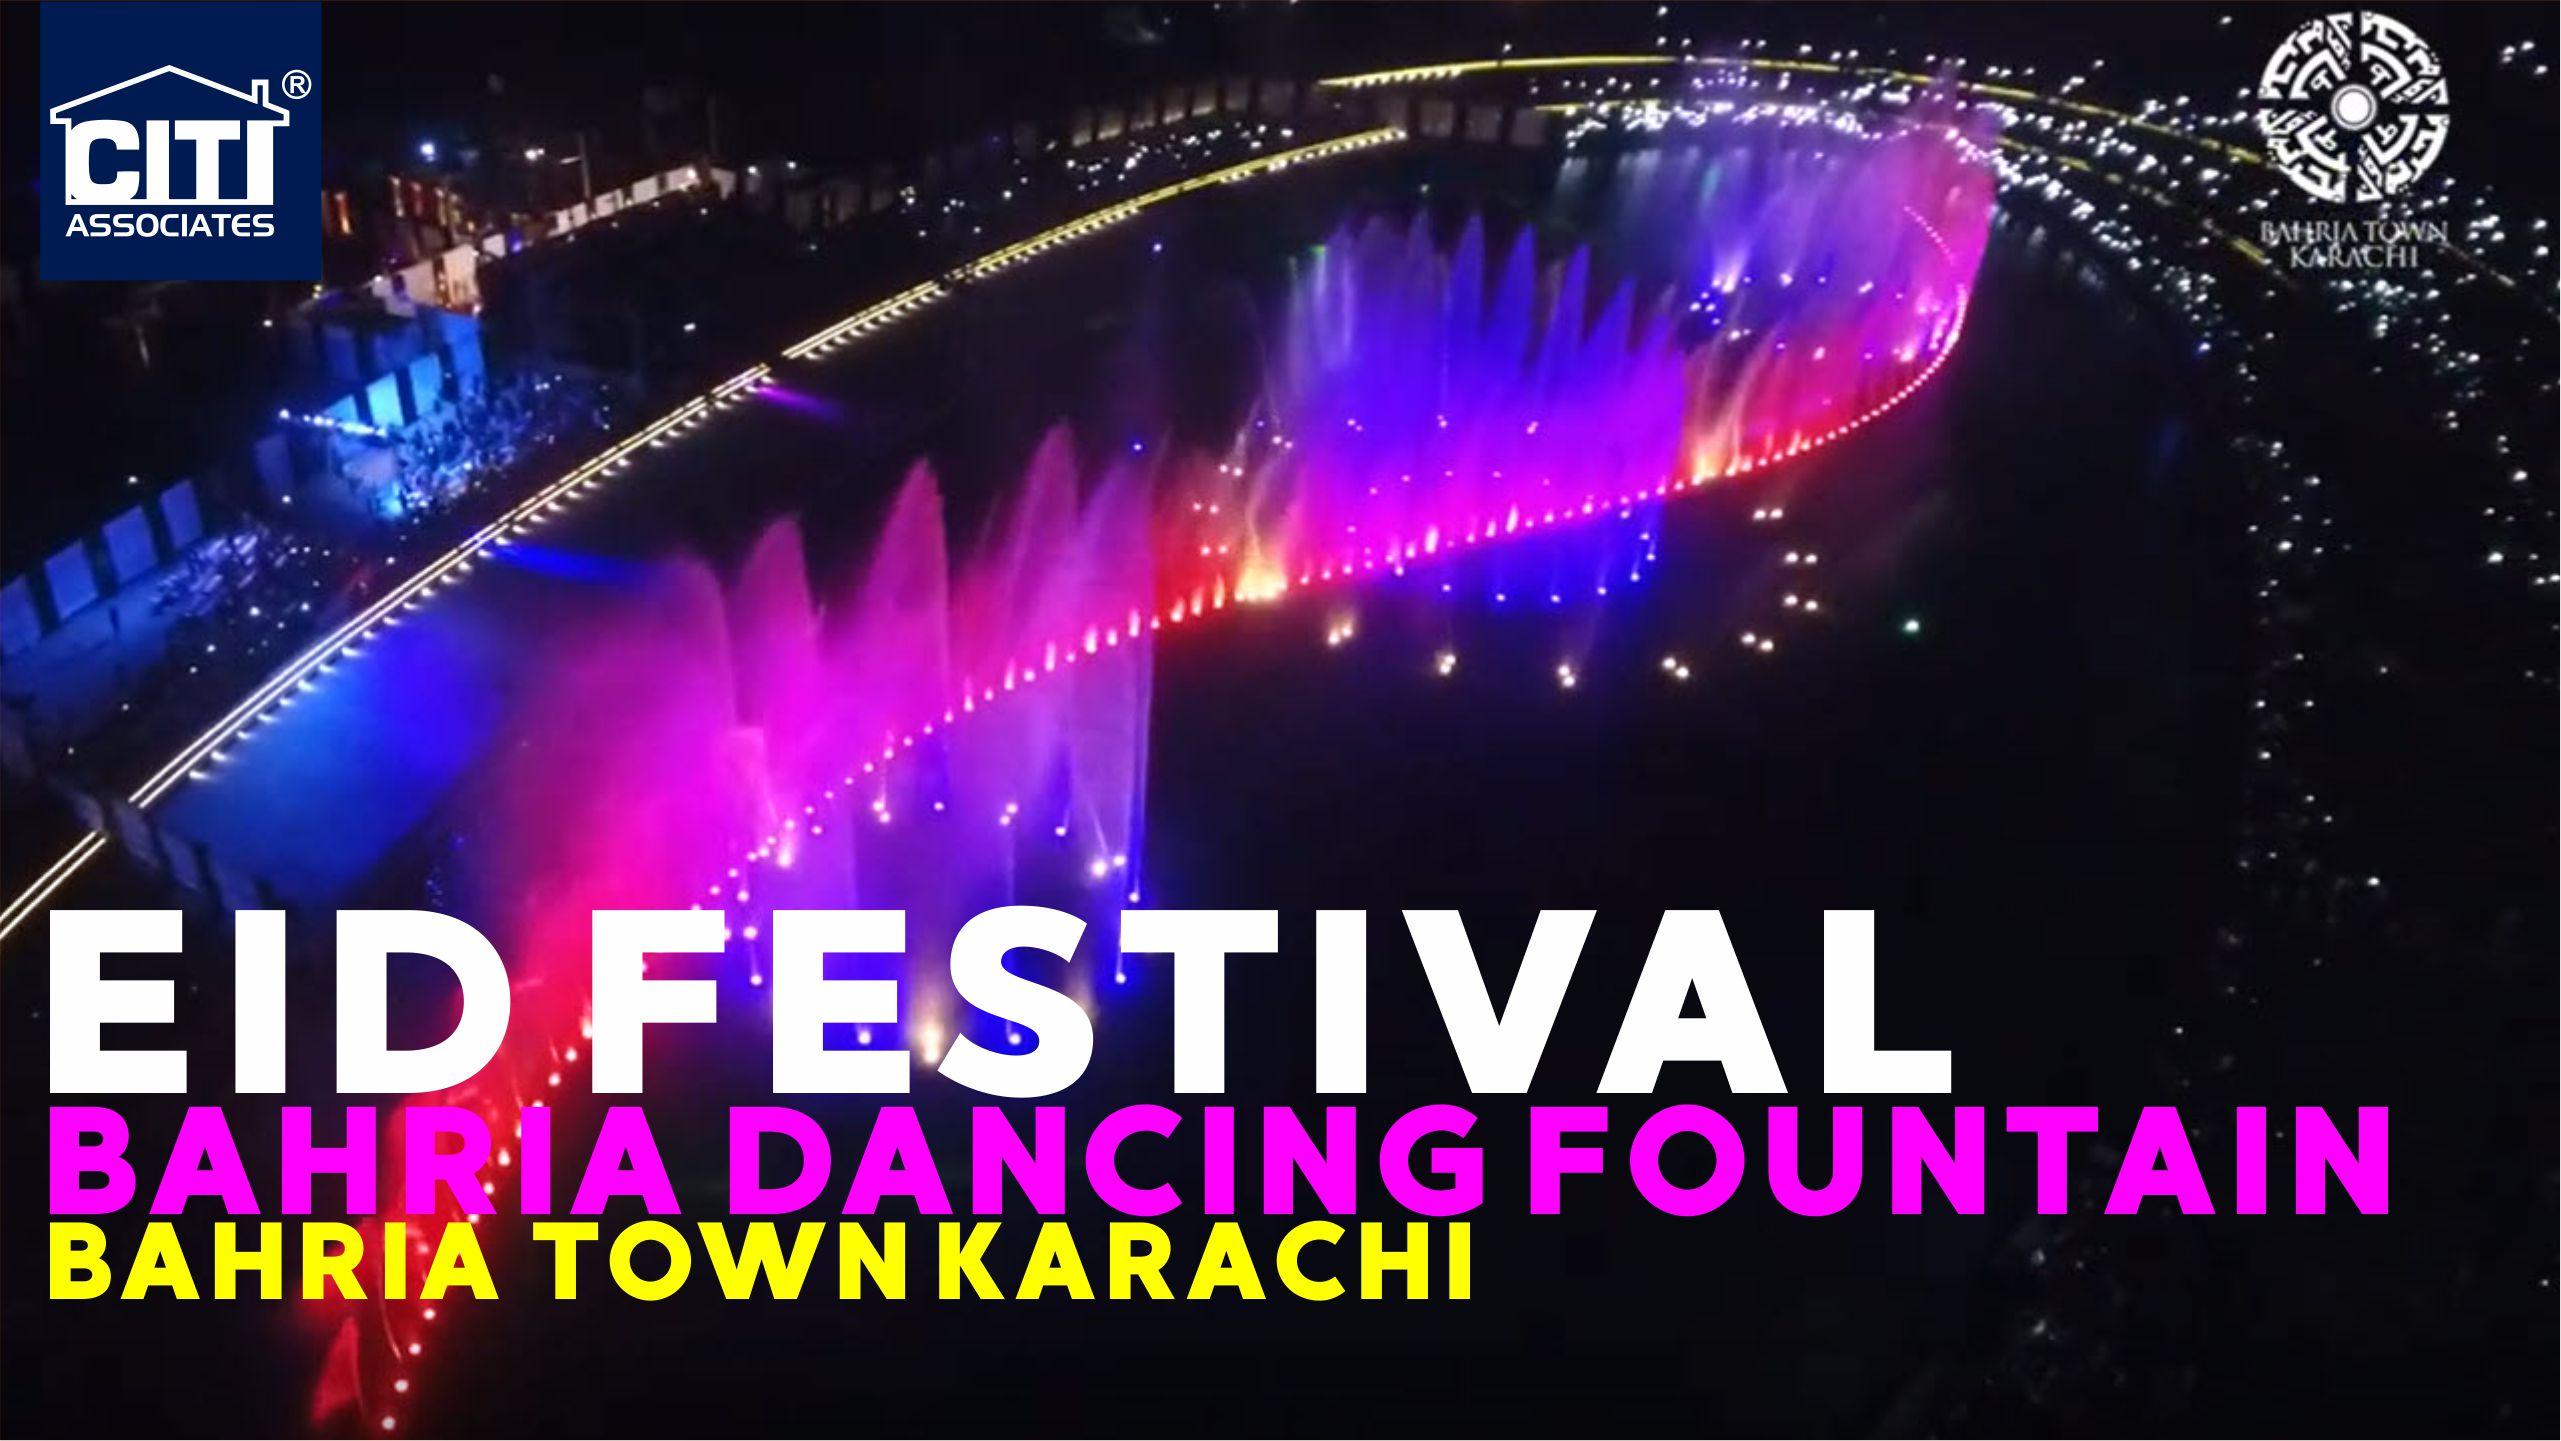 Eid Festival | Bahria Dancing Fountain | Bahria Town Karachi